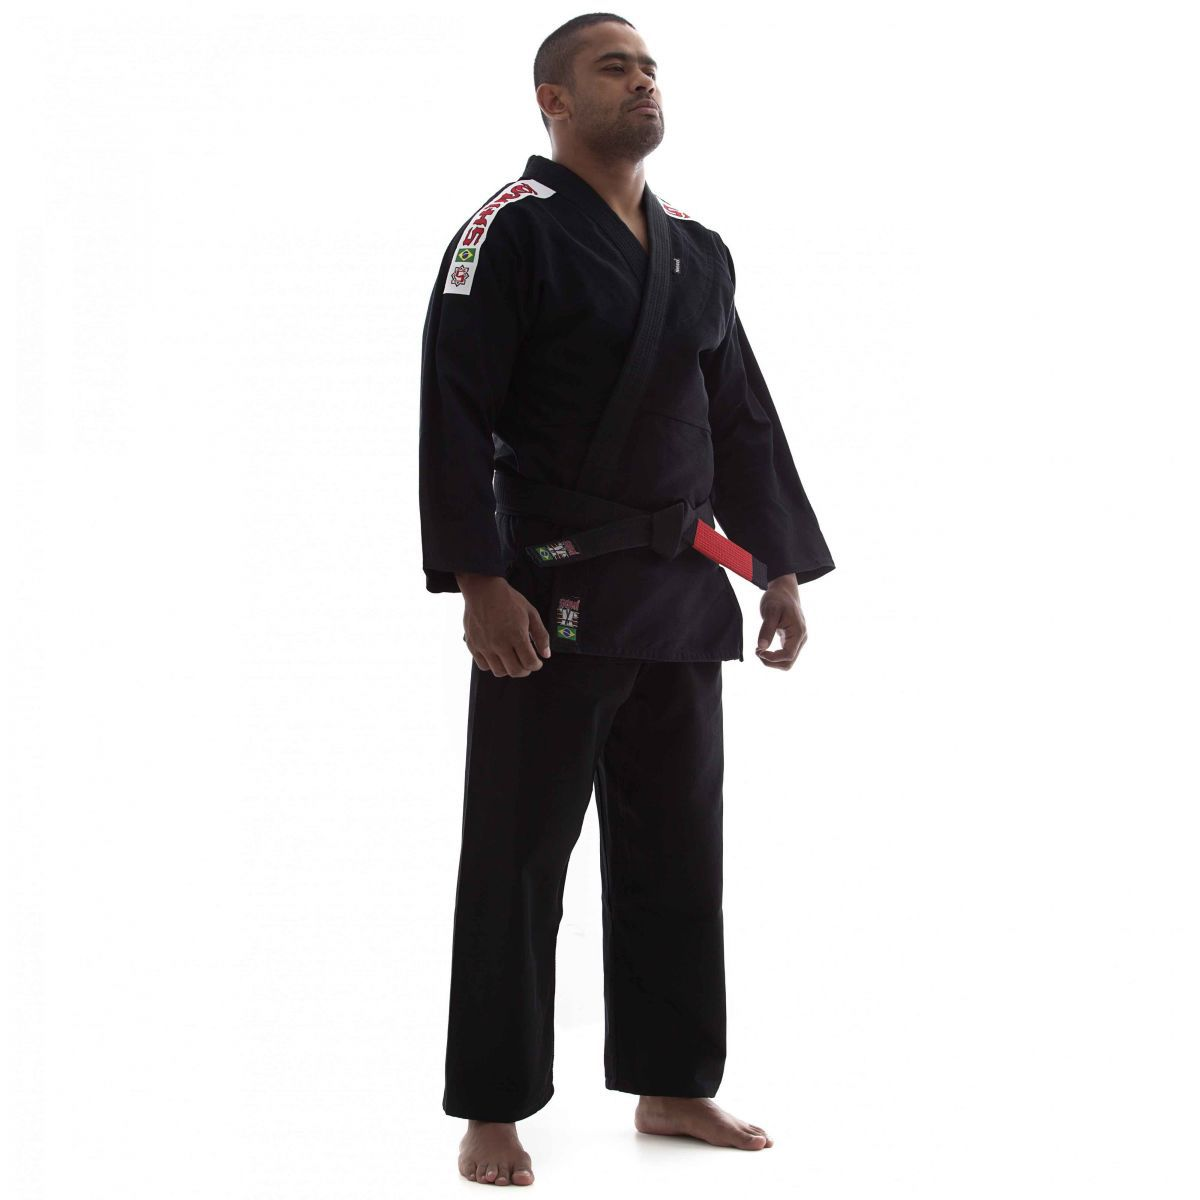 Kimono Jiu Jitsu / Ninjutsu - Trançadinho - Adulto - Shiroi - Preto